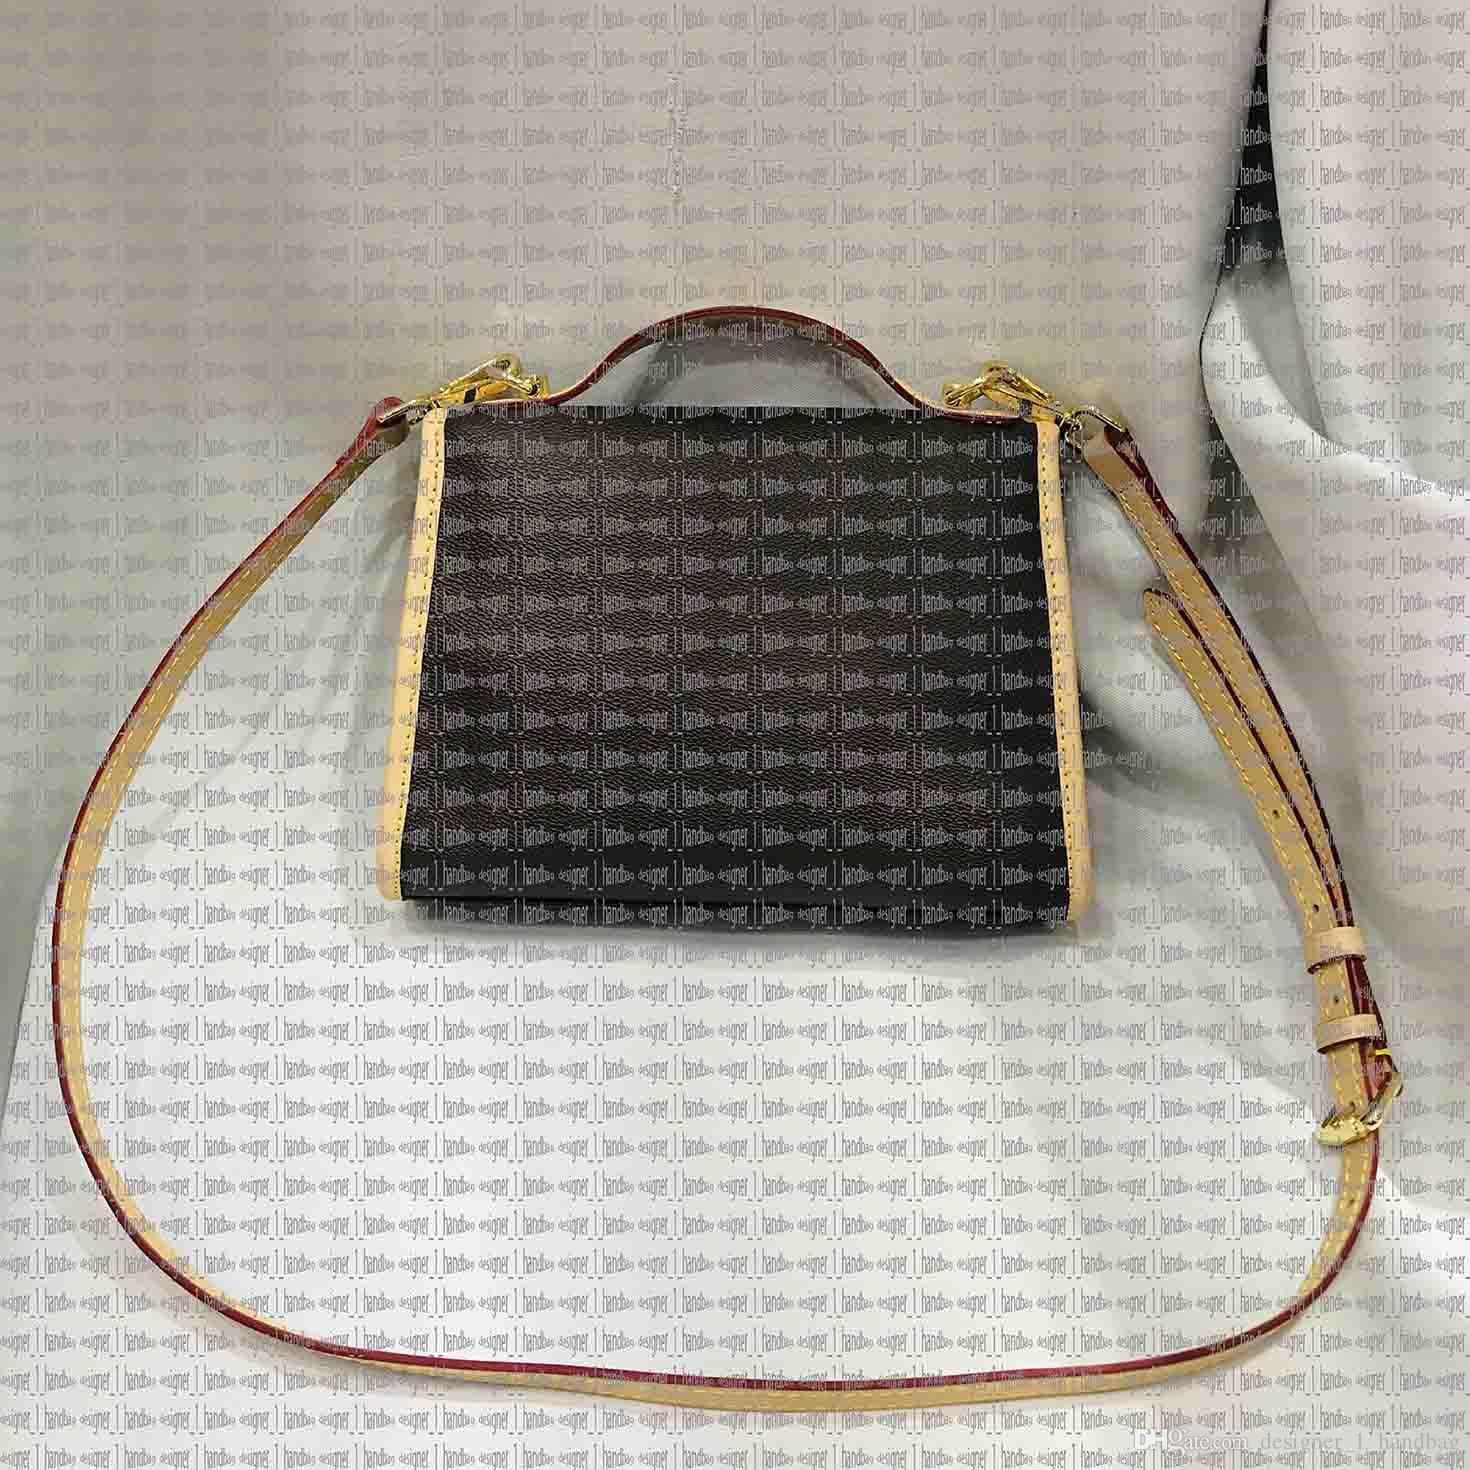 2019 الأزياء عناصر التصميم إلكتروني زهرة على شكل مروحة السيدات مشبك حقيبة CROSSBODY مع السيدات جلد البقر حقيبة يد محفظة